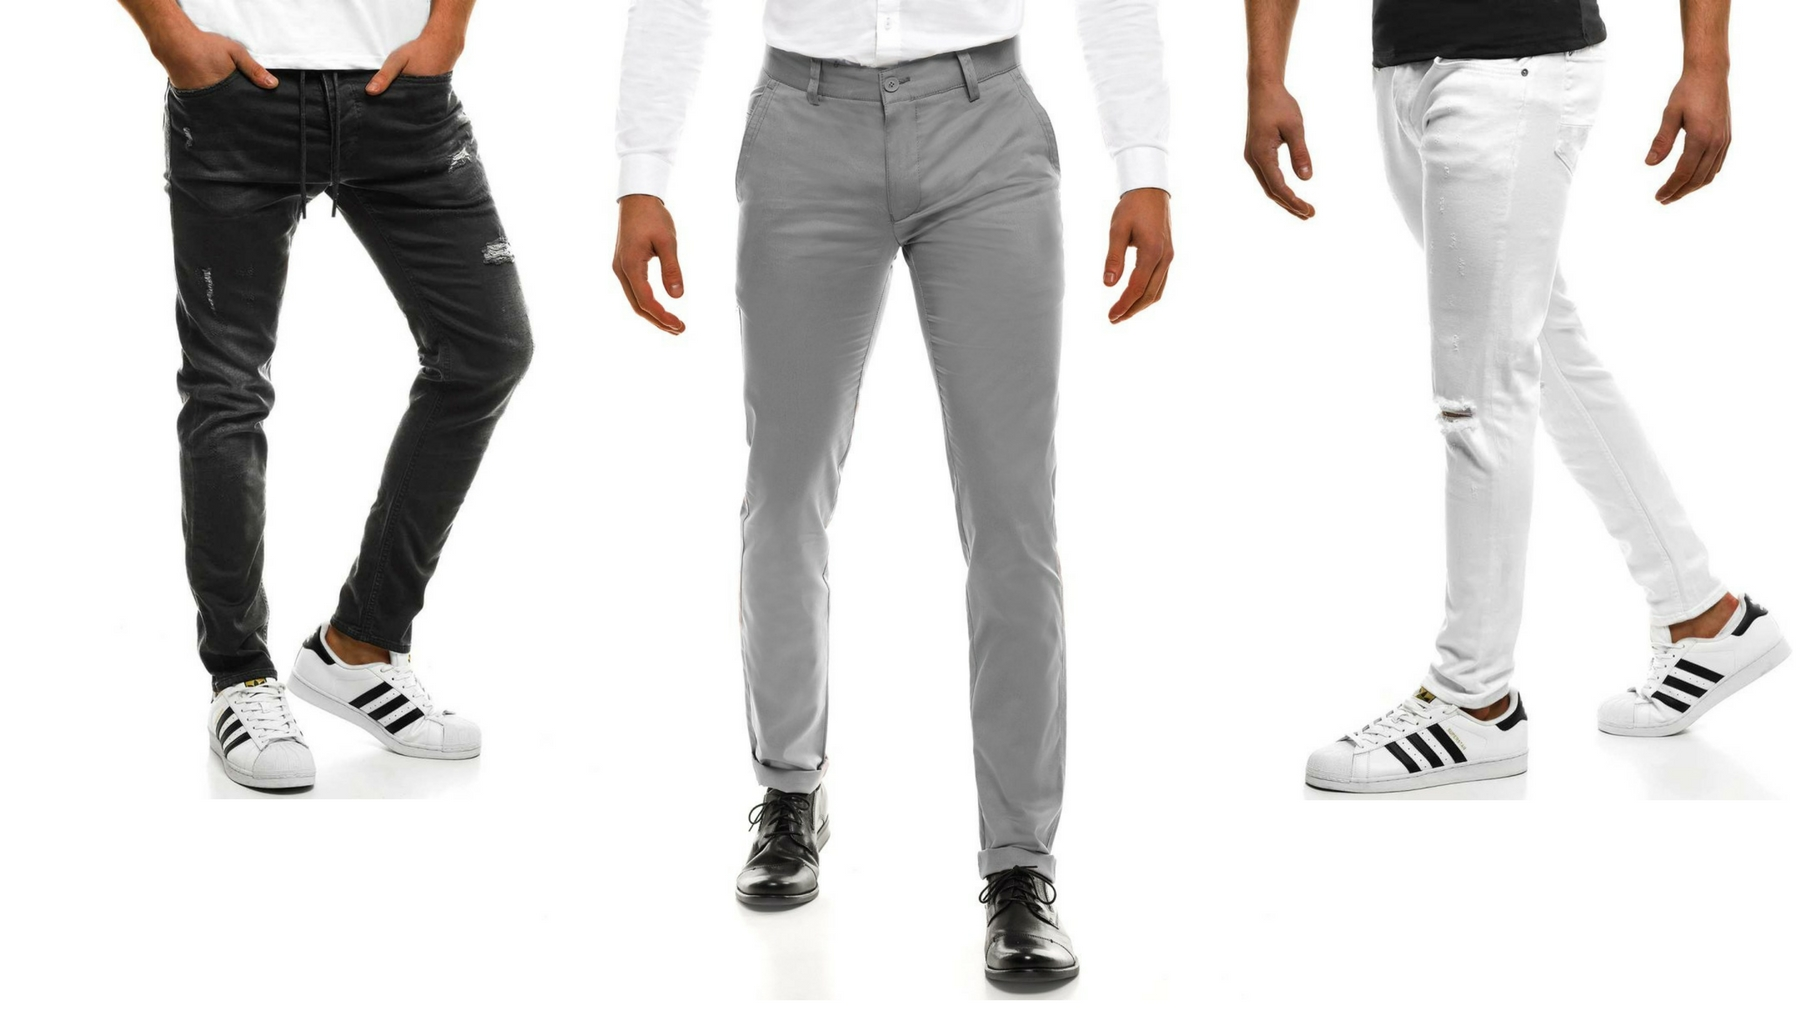 b43d185f Jakie wybrać spodnie do męskiej czarnej koszuli? » Blog o modzie ...